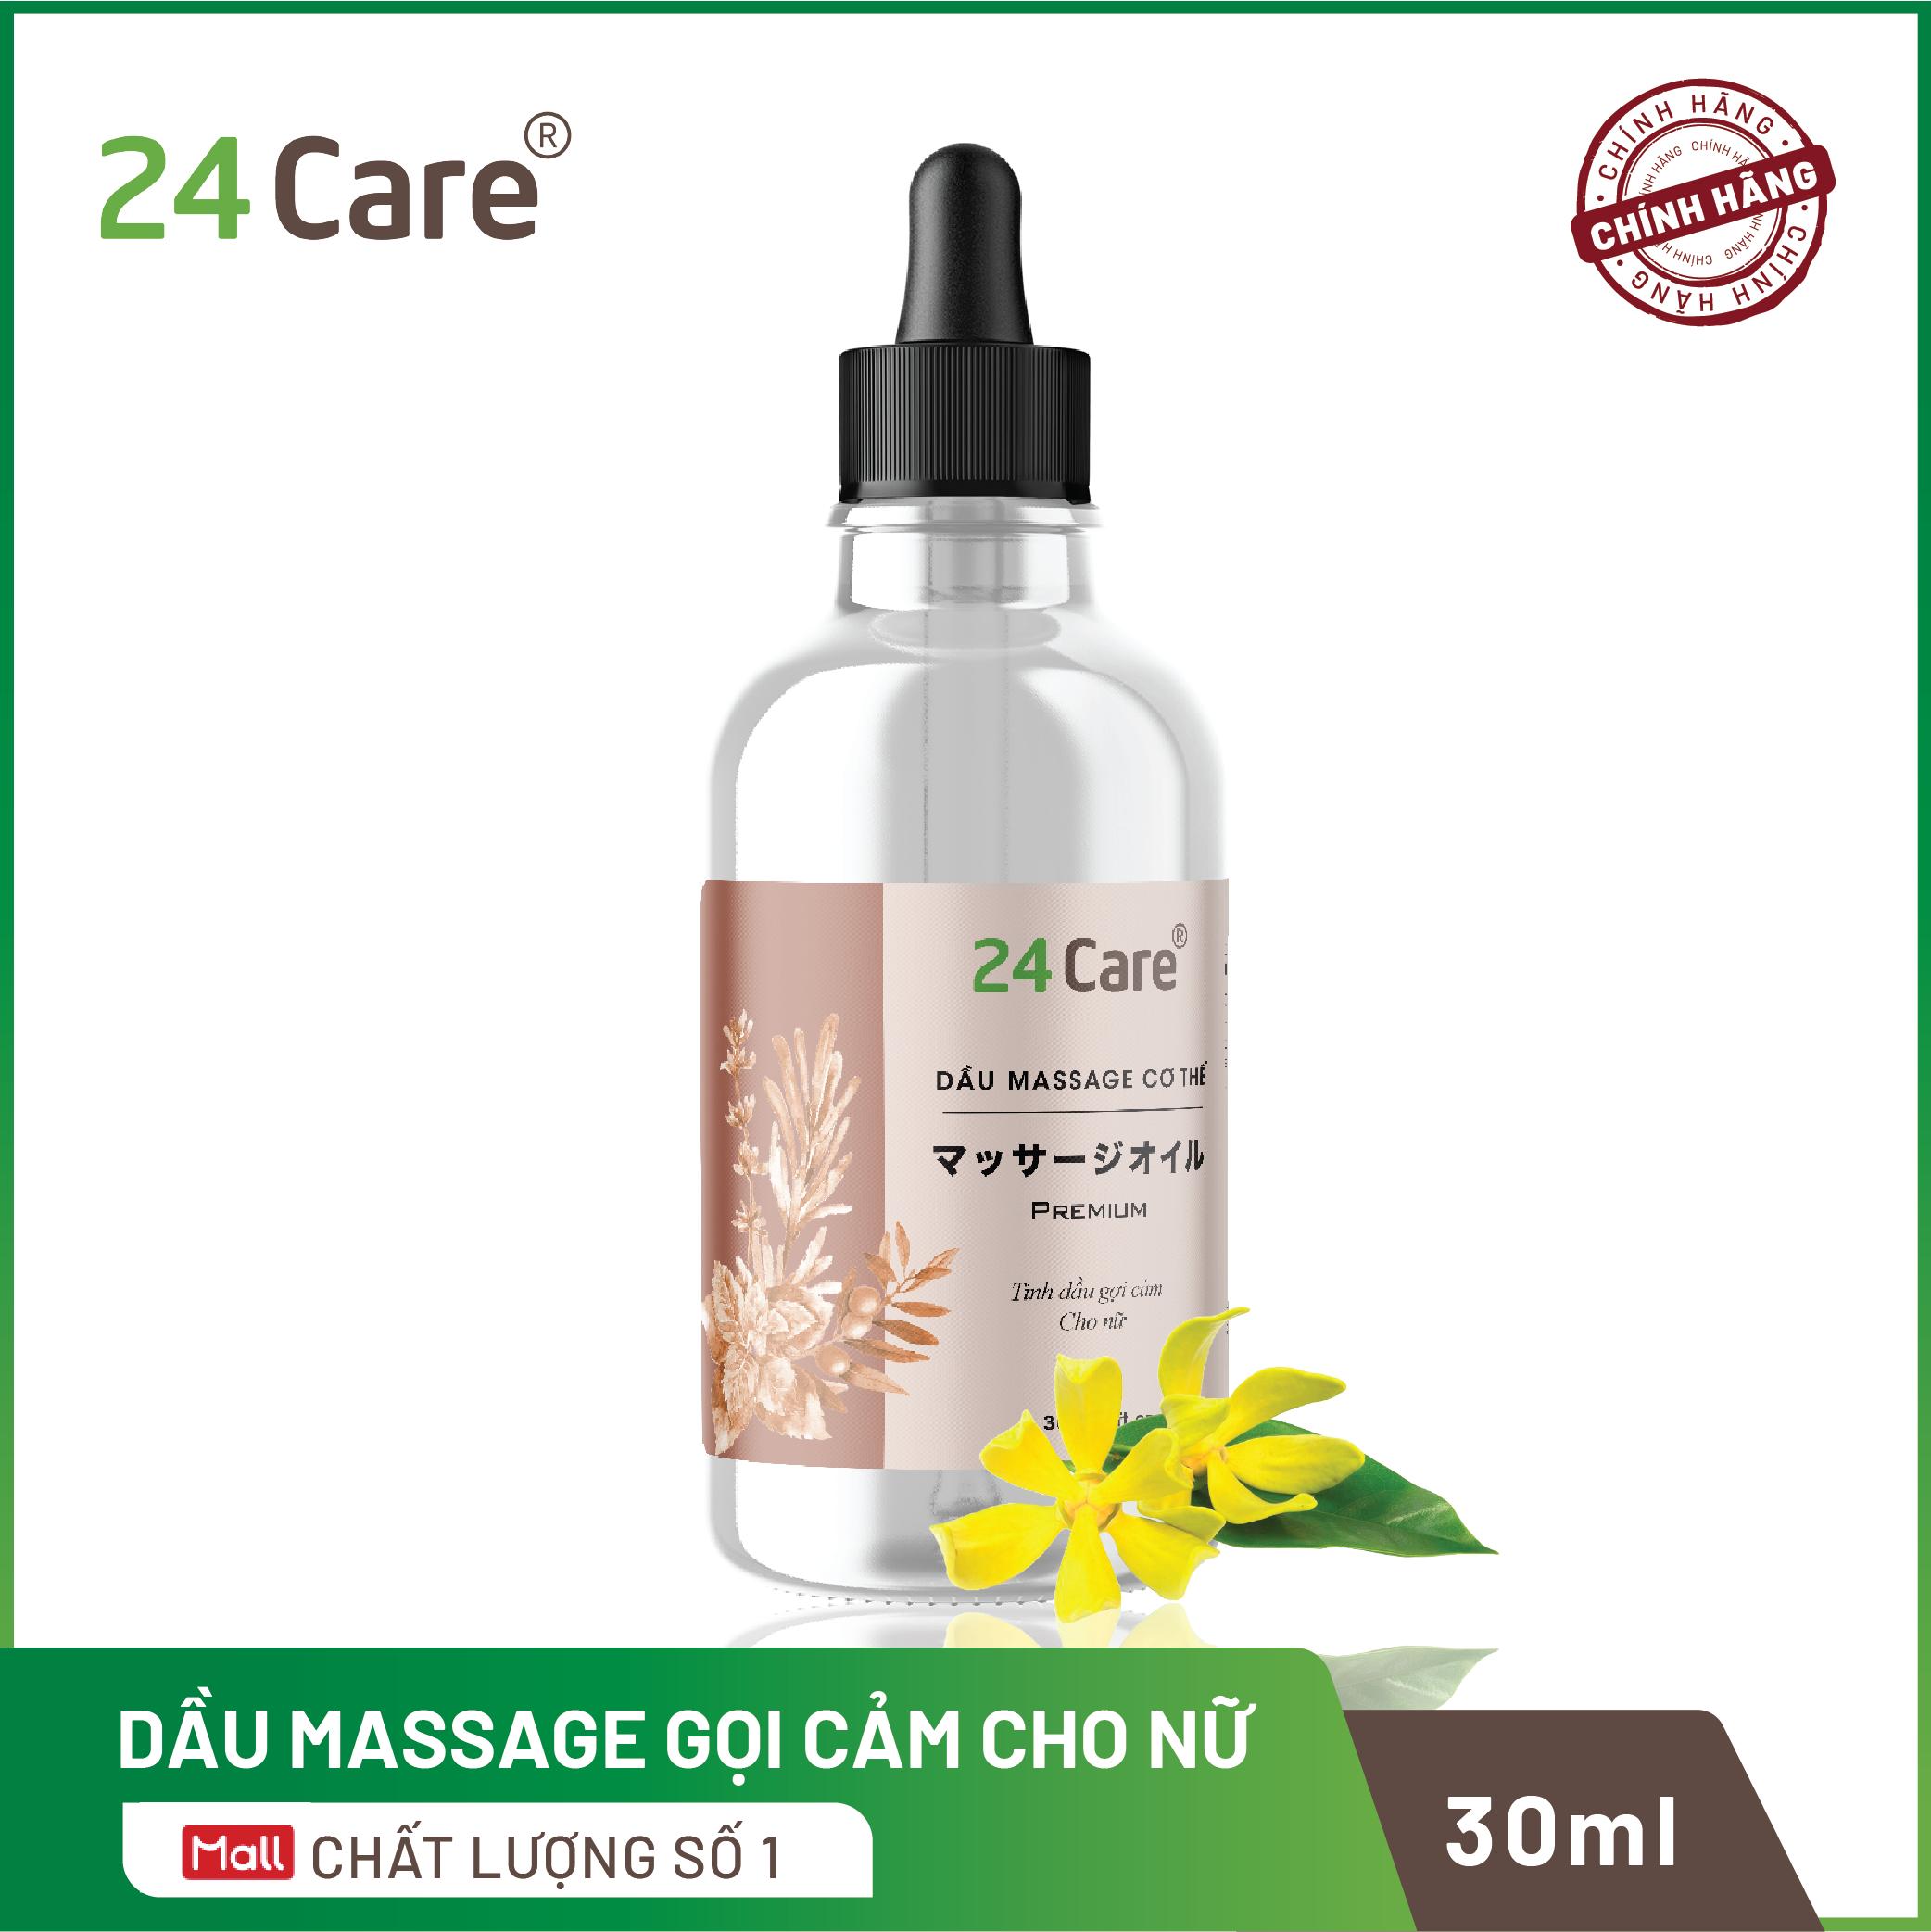 Dầu massage TINH DẦU gợi cảm cho Nam Nữ 24Care 30ml – CHĂM SÓC DA, TĂNG HAM MUỐN